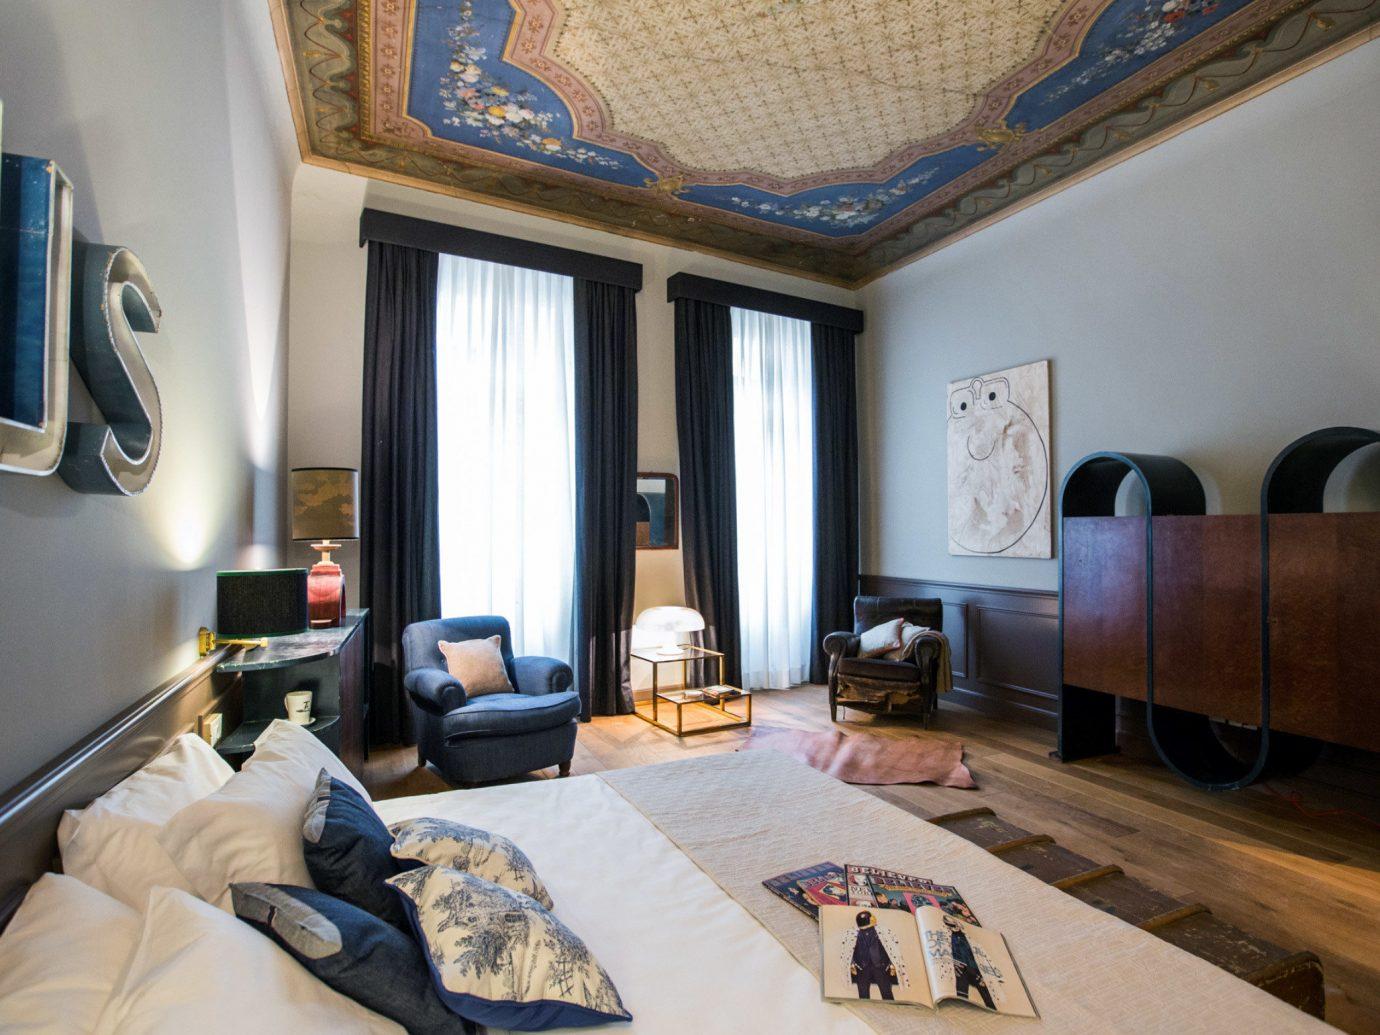 Hotels indoor room property living room estate home Suite interior design real estate cottage Bedroom Design apartment furniture